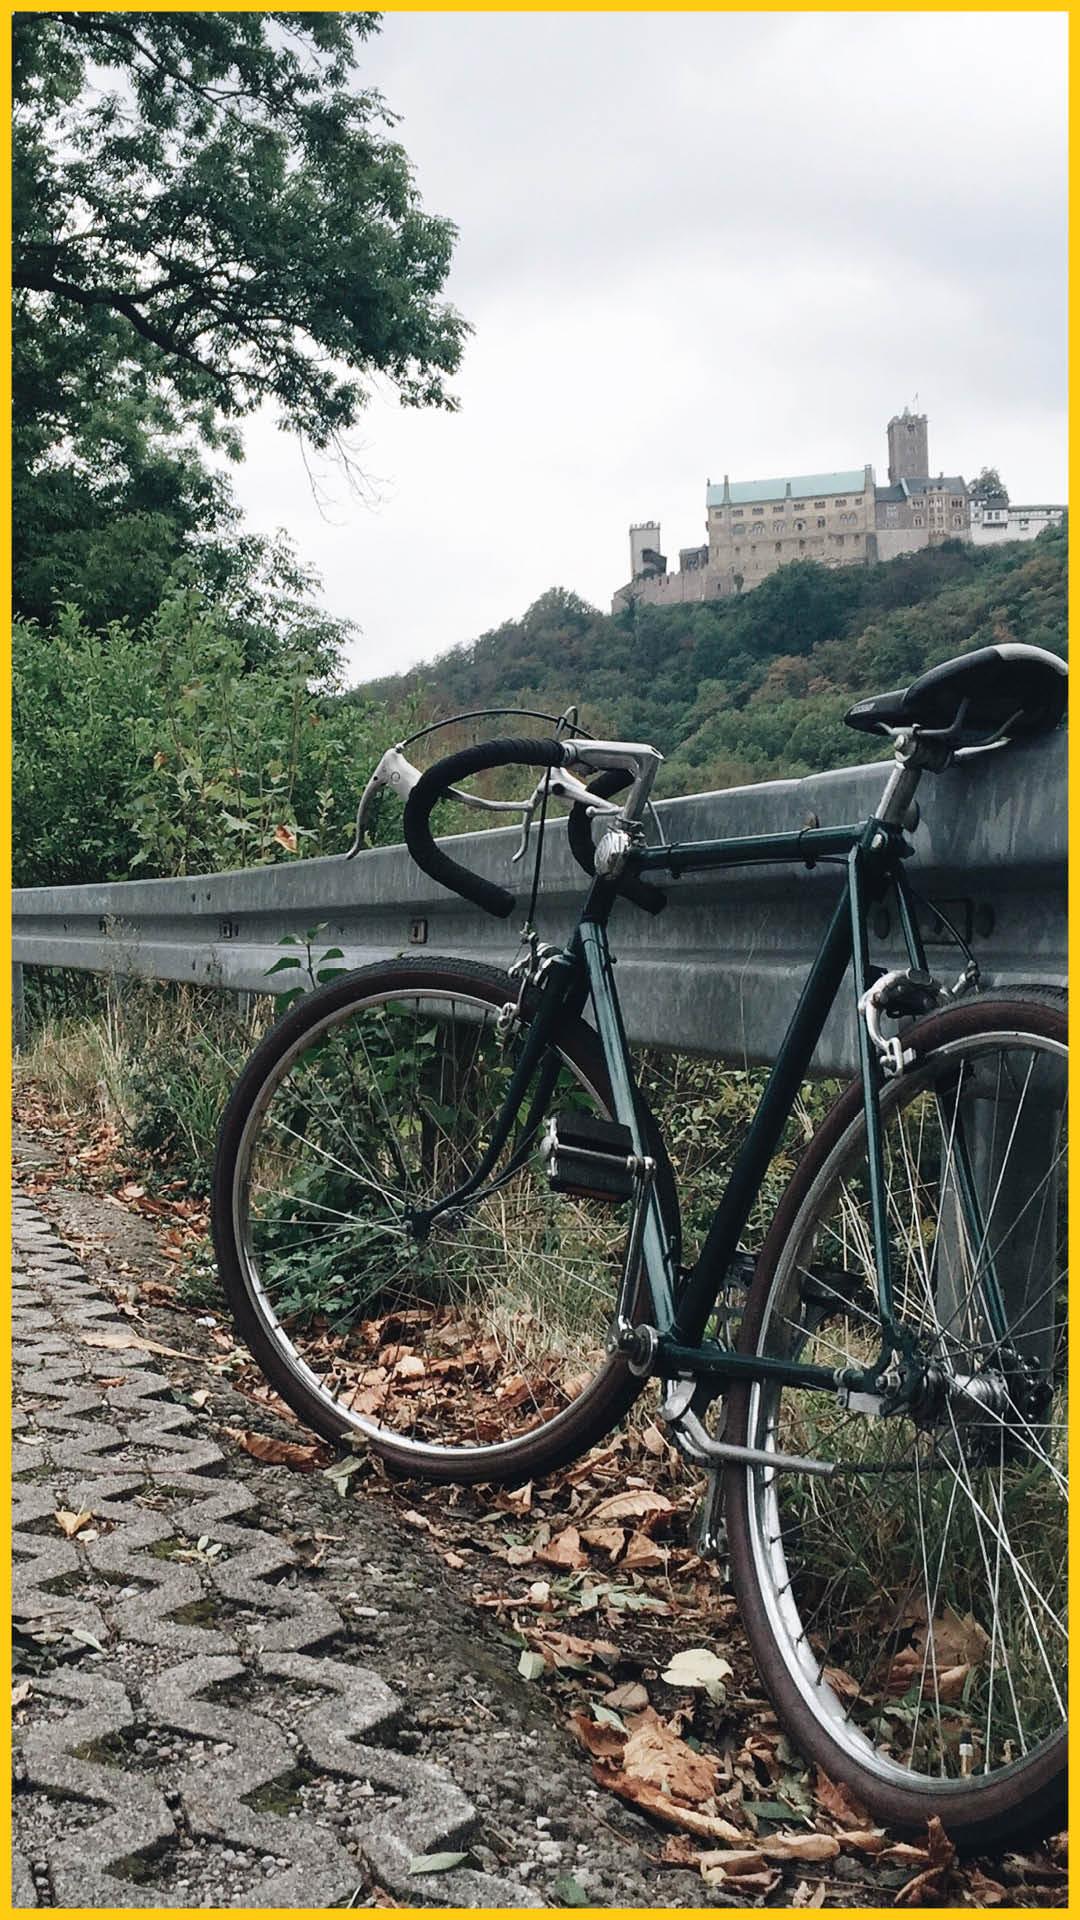 Blick auf die Wartburg in Eisenach, im Vordergrund ein älteres Rennrad an der Leitplanke angelehnt auf dem Werratal Radweg durchgeführt vom Werra Bikes